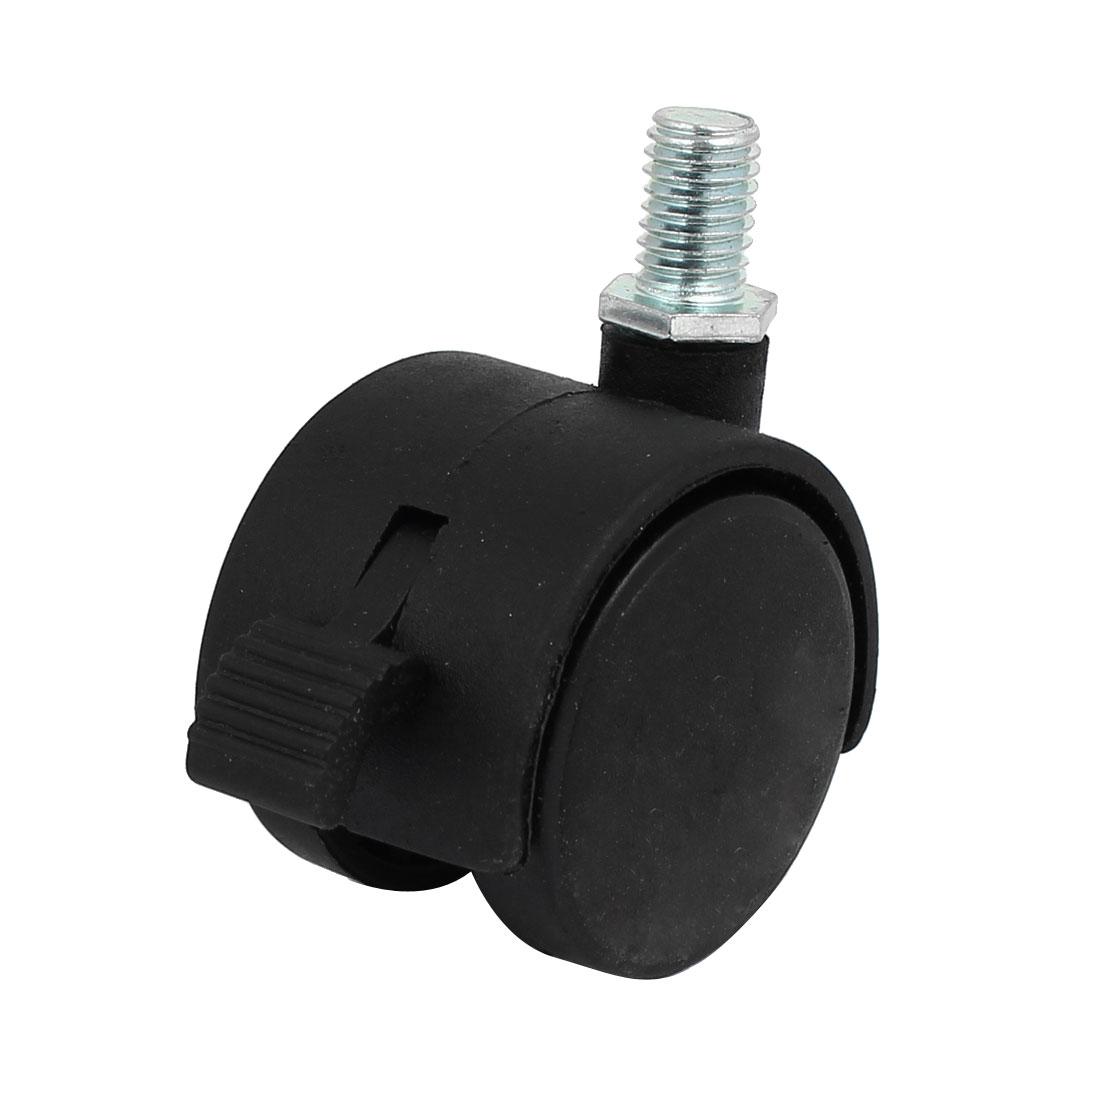 """10mm x 15mm Threaded Stem 1.5"""" Wheel Dia Swivel Brake Caster Black for Chair"""